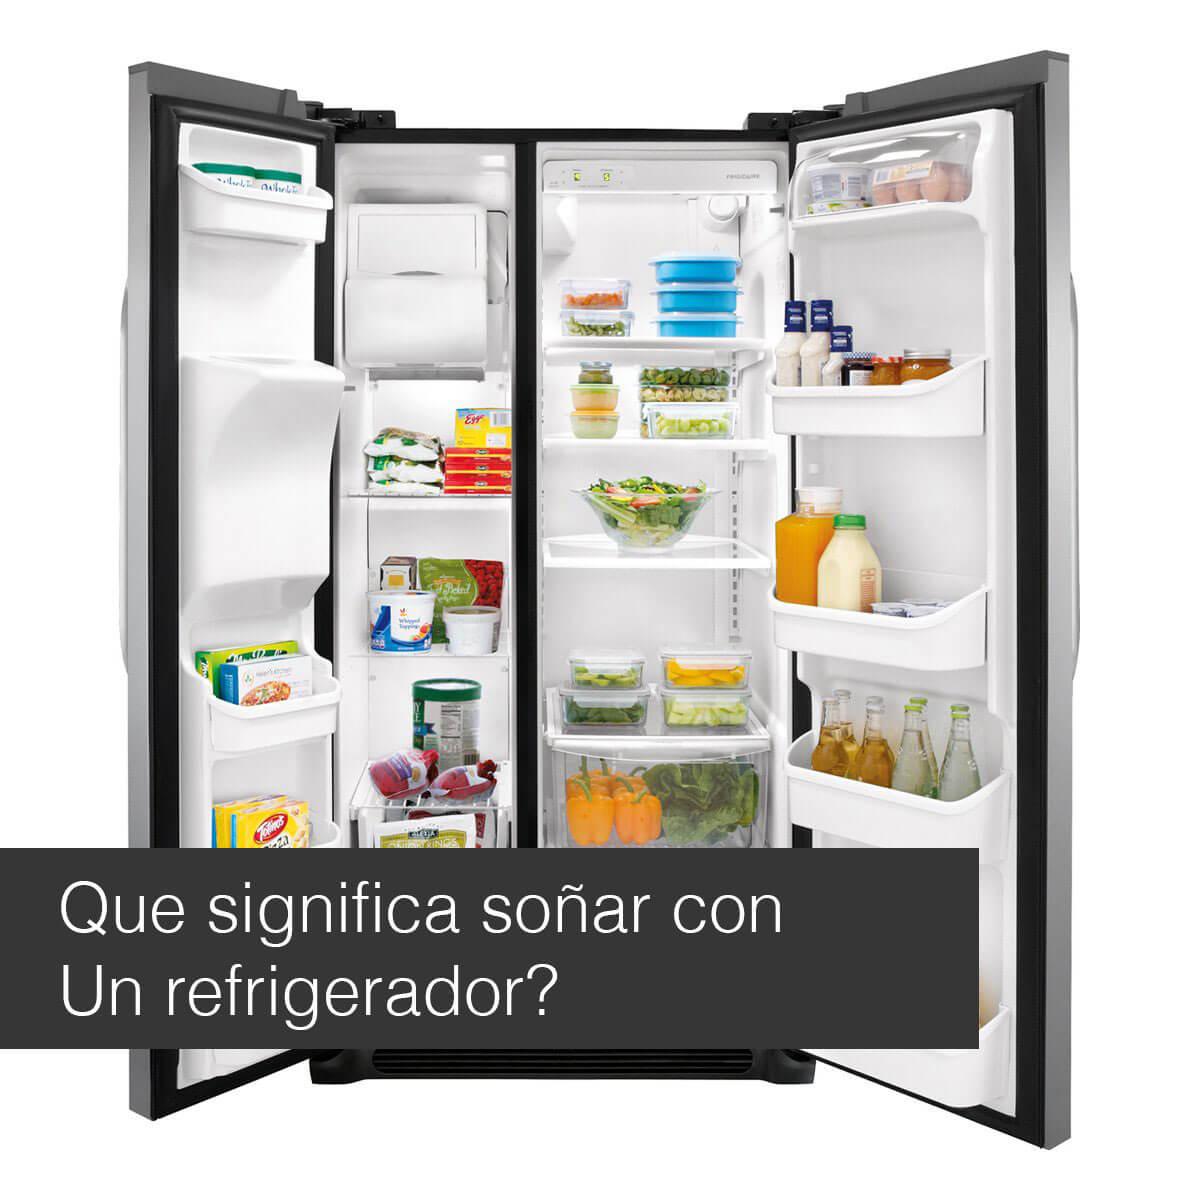 Significado de soñar con un refrigerador